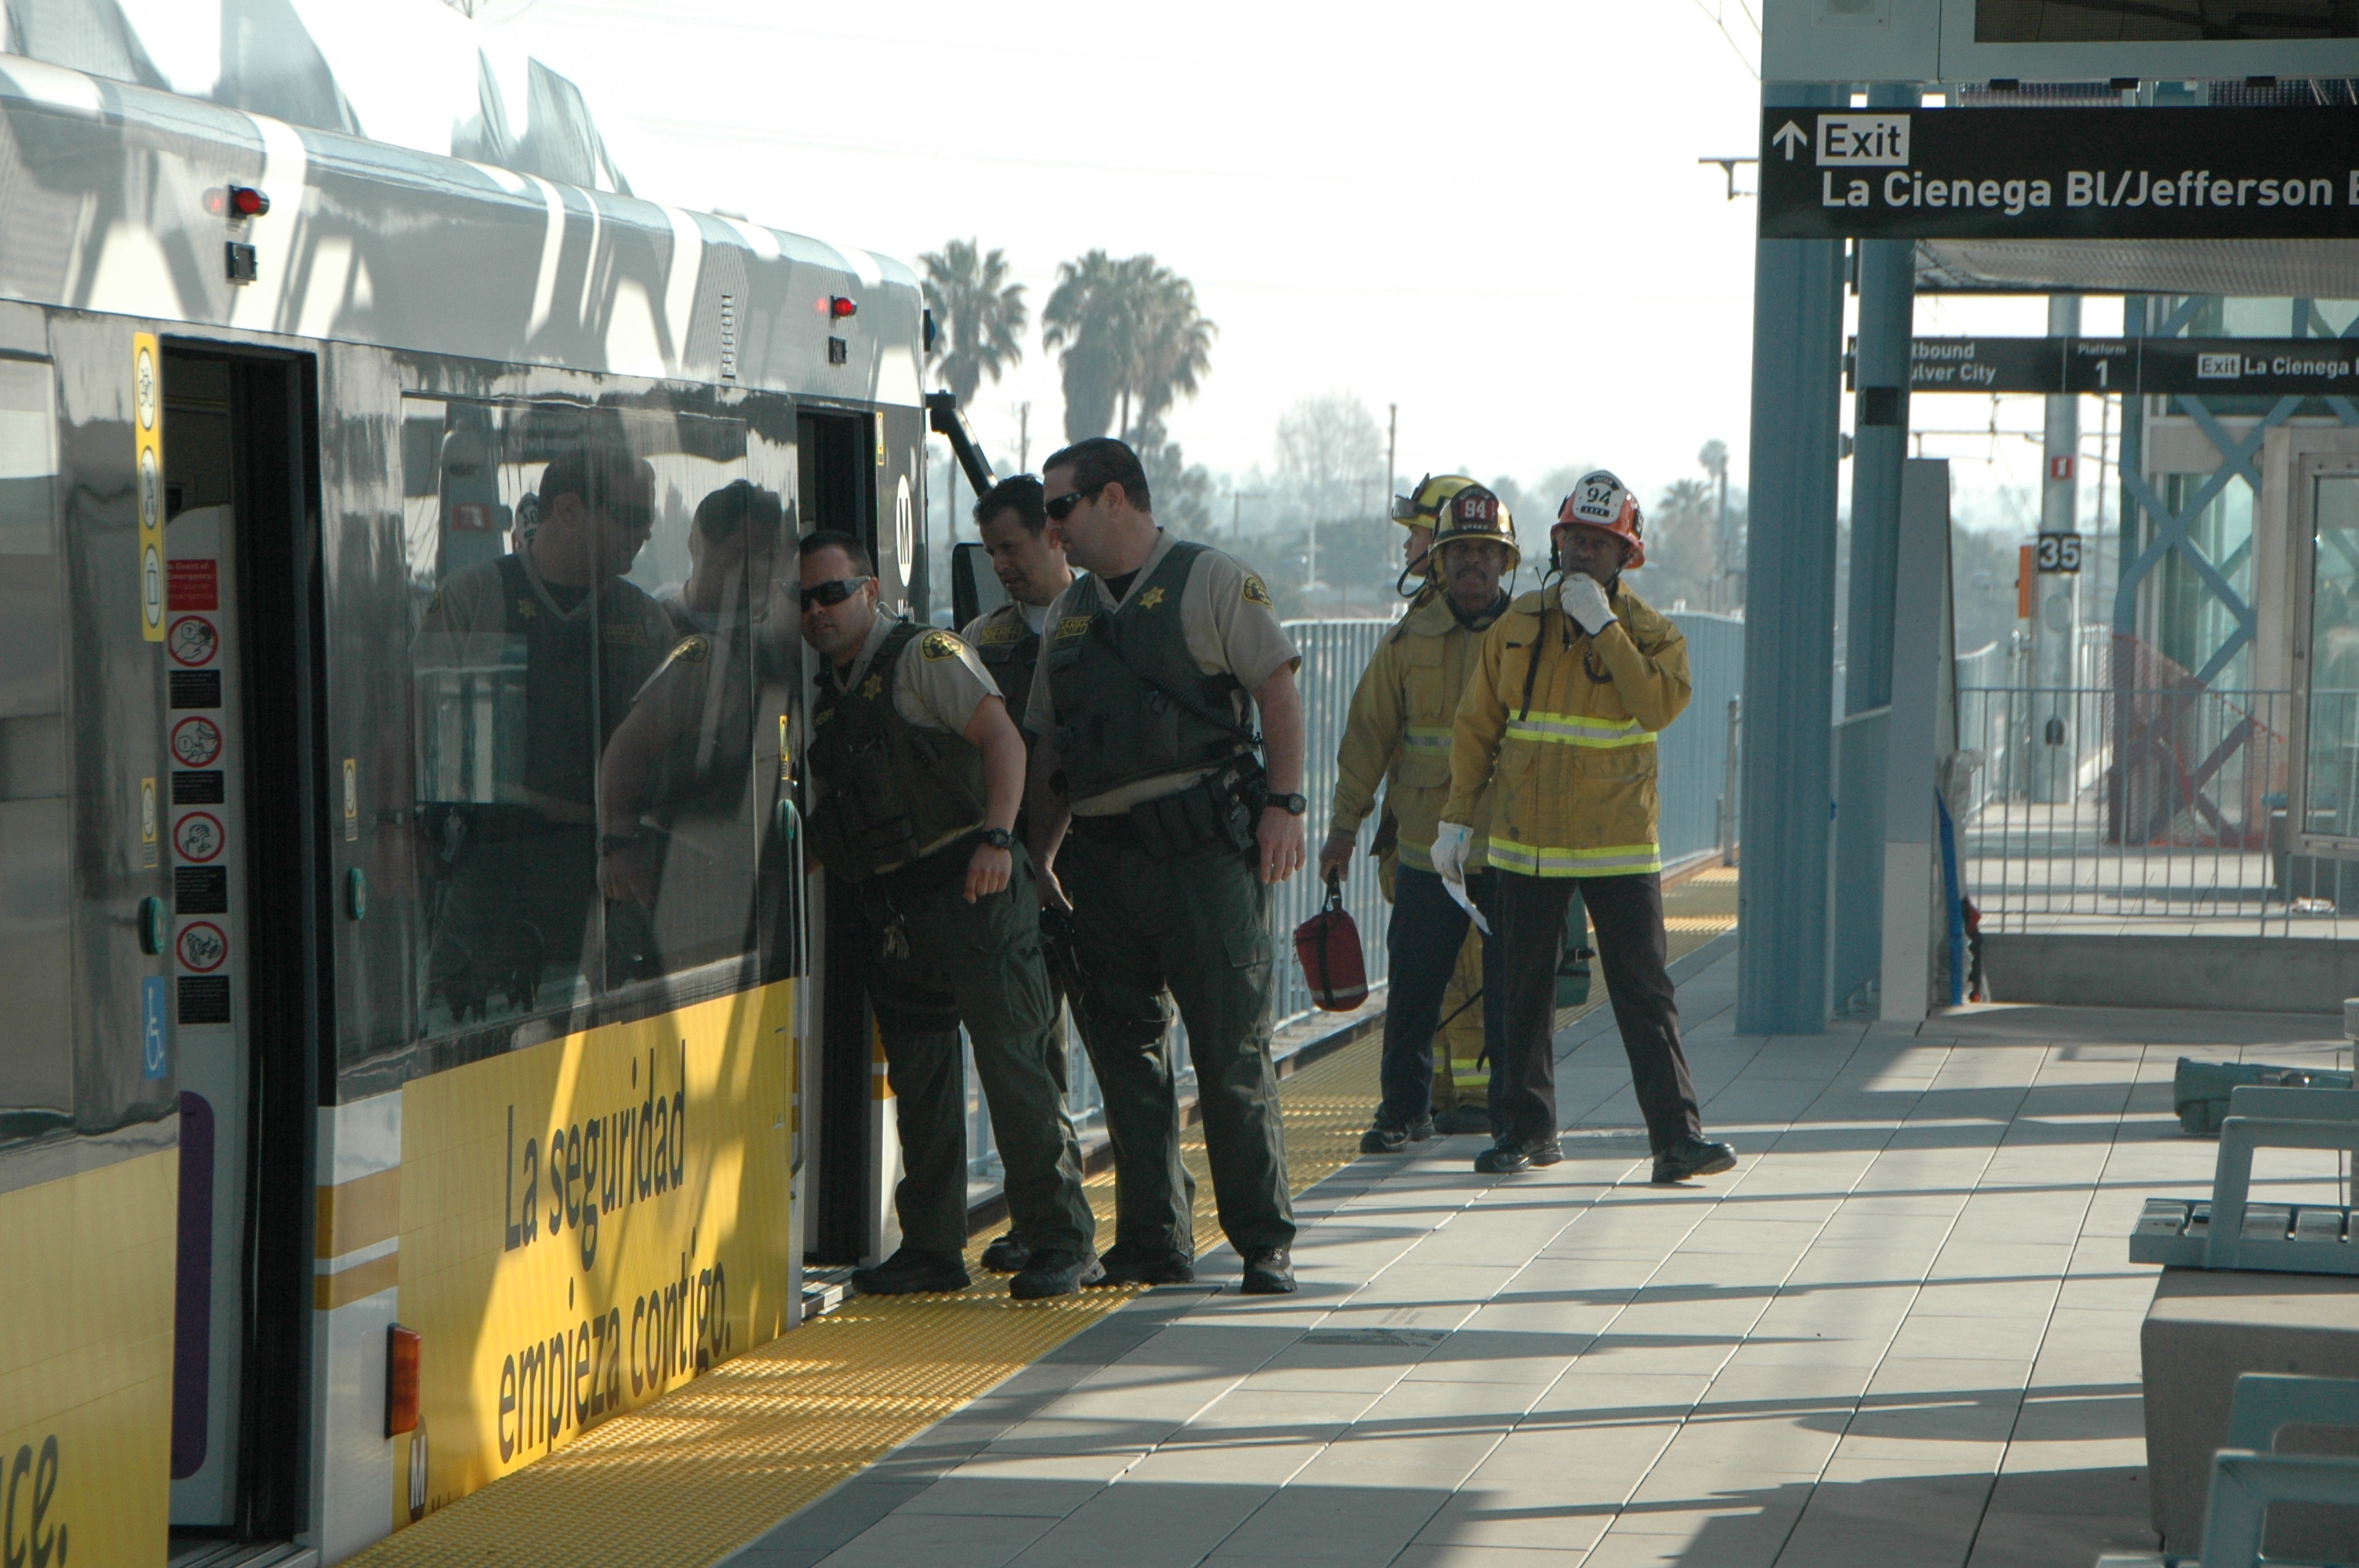 Agentes del Sheriff y de los Bomberos inician su labor dentro del ejercicios efectuado esta mañana en la estación La Ciénega/Jefferson. (Foto José Ubaldo/El Pasajero).